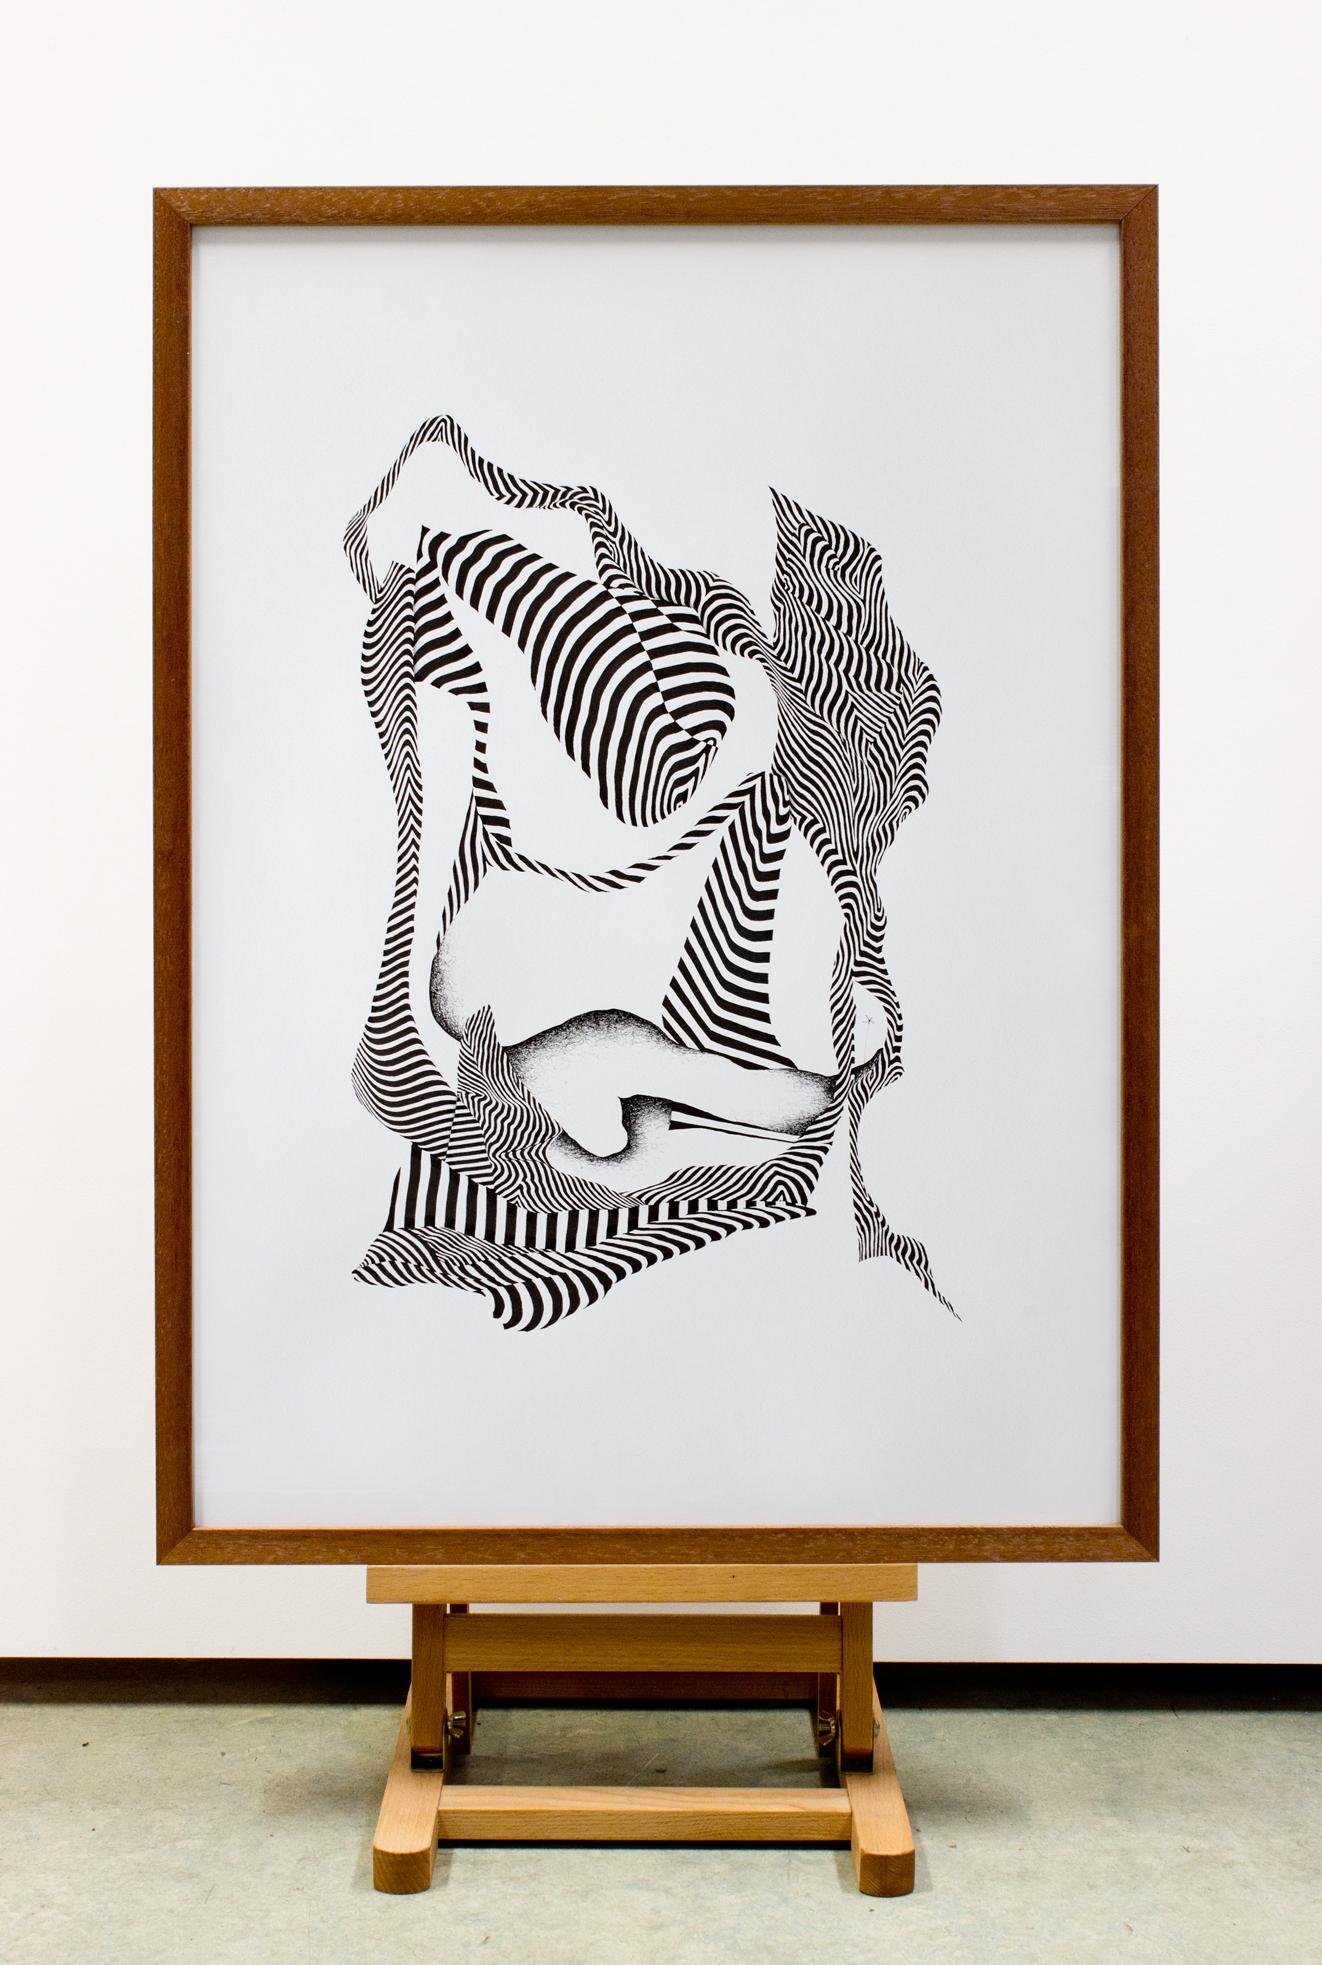 Works by Hans Schuttenbeld